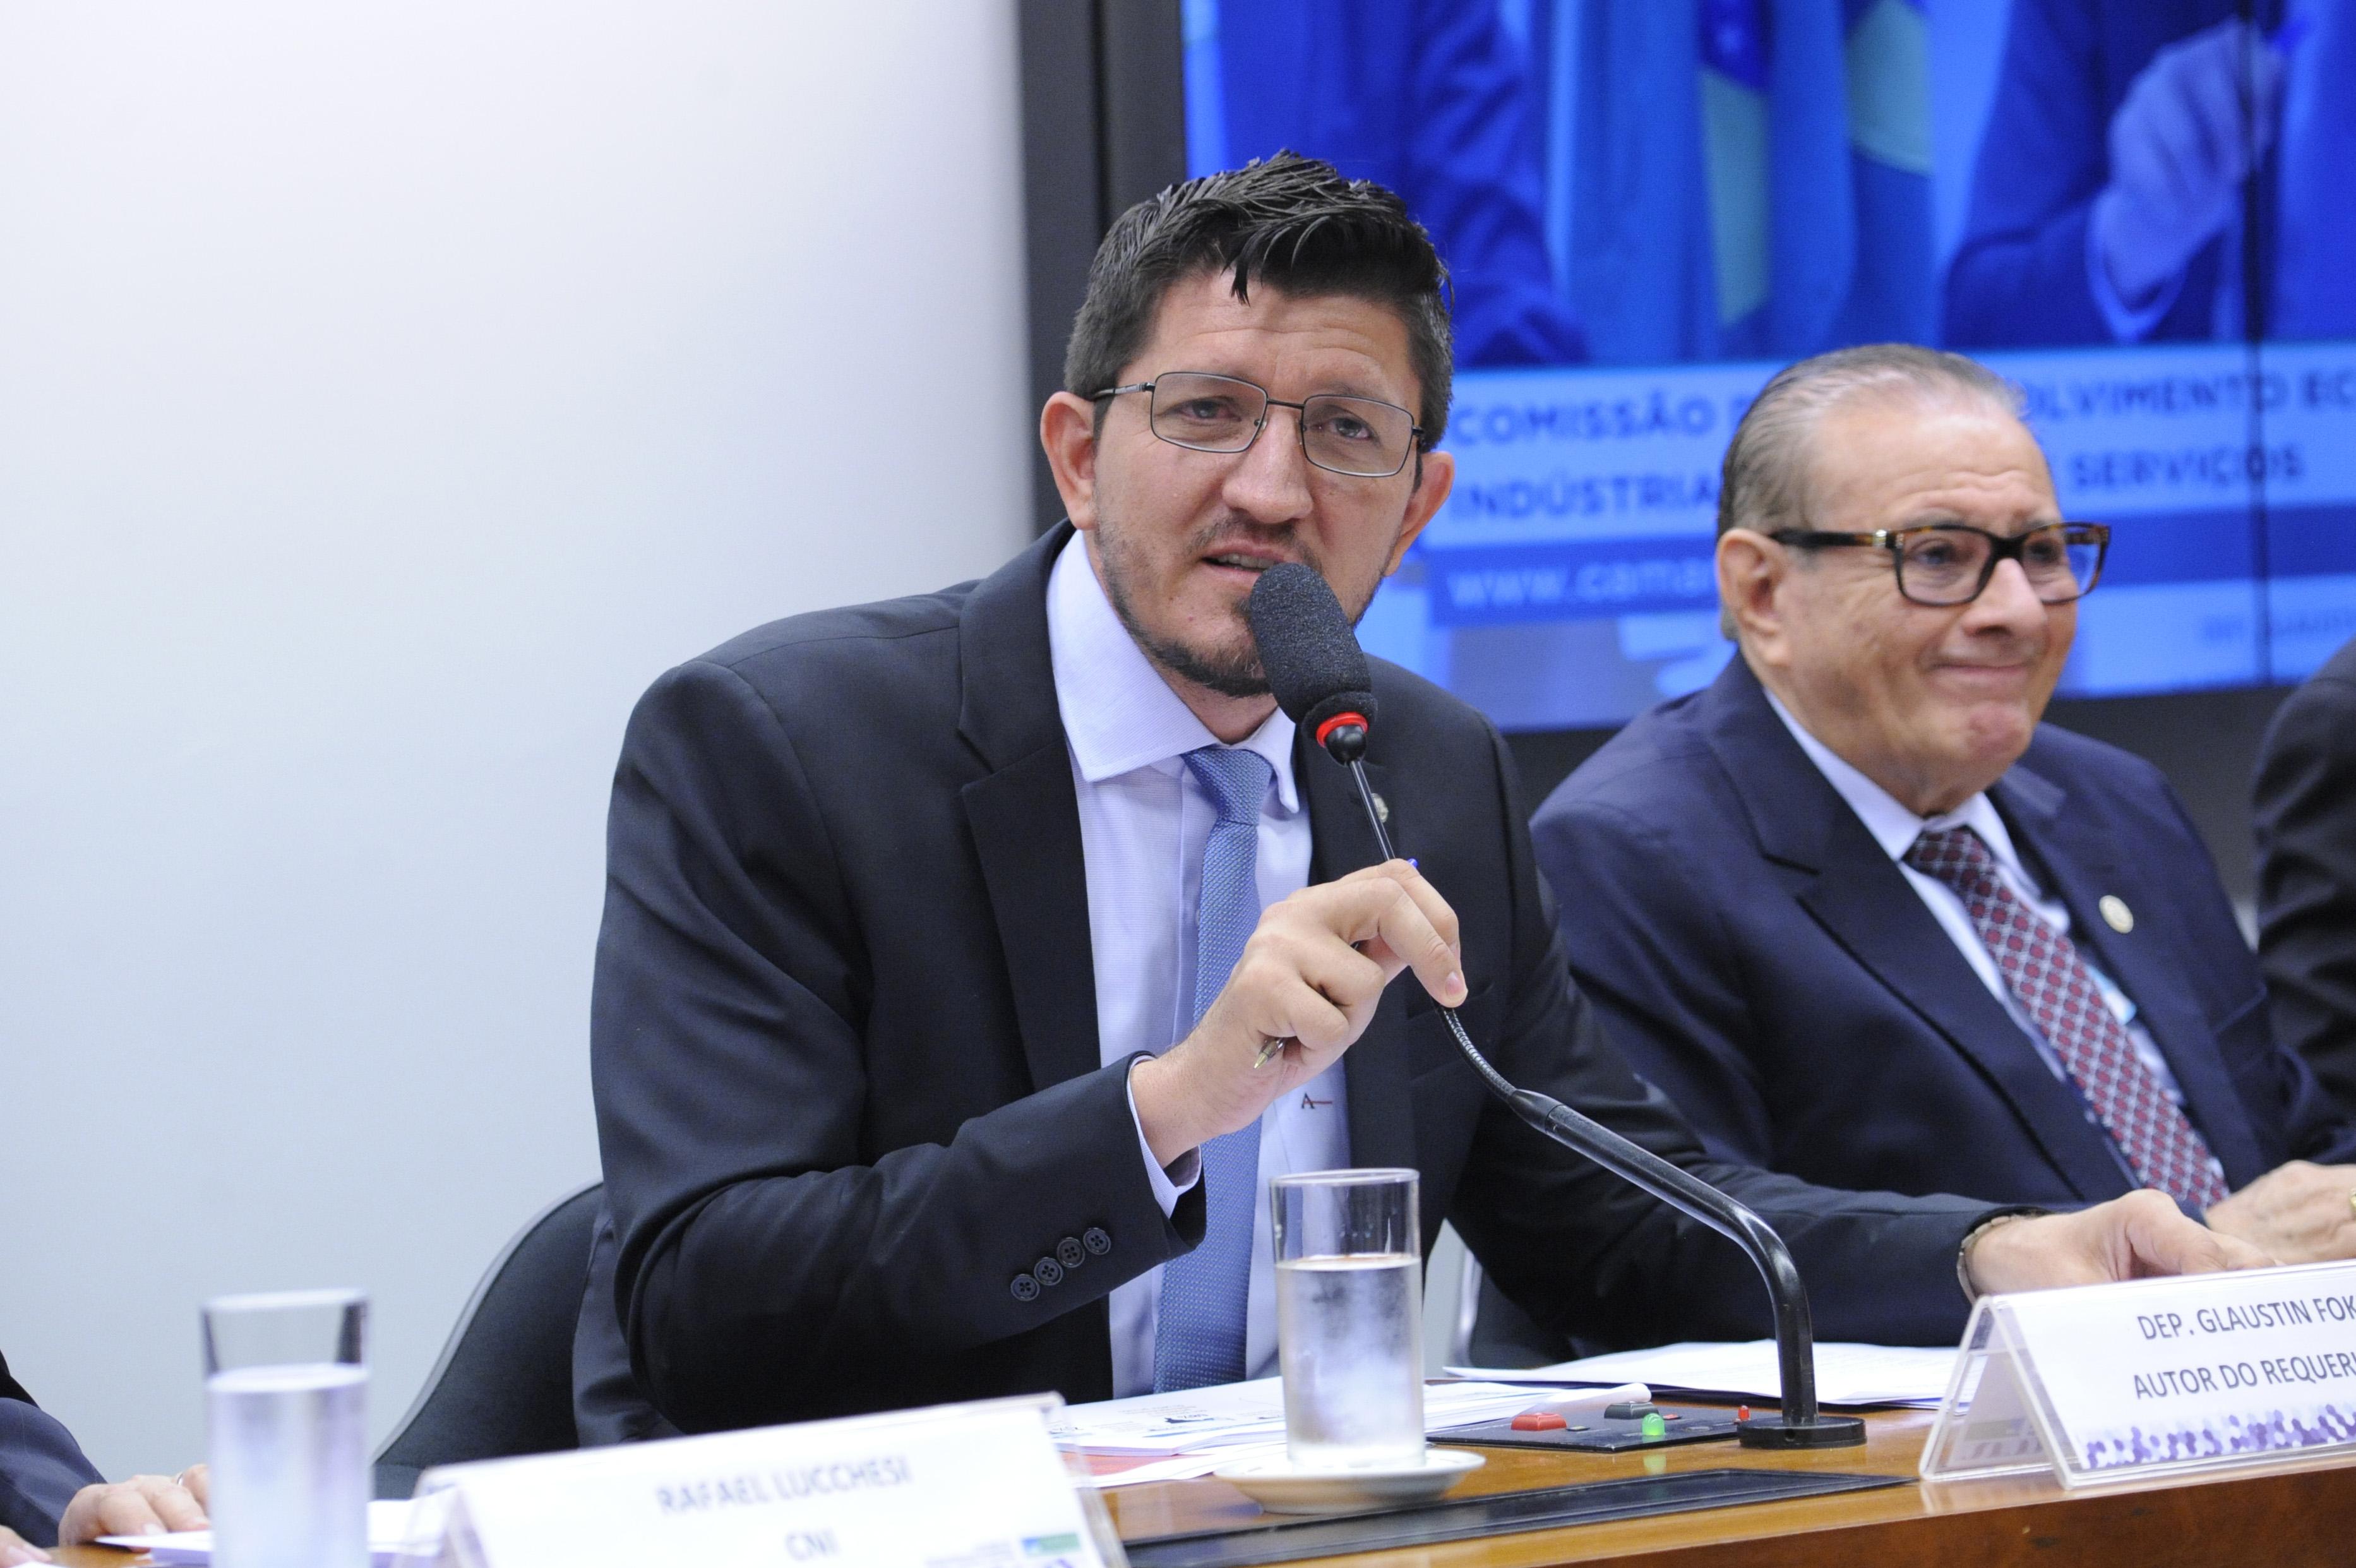 Parlamentares defendem Sistema S, mas pedem mais transparência e diálogo com governo